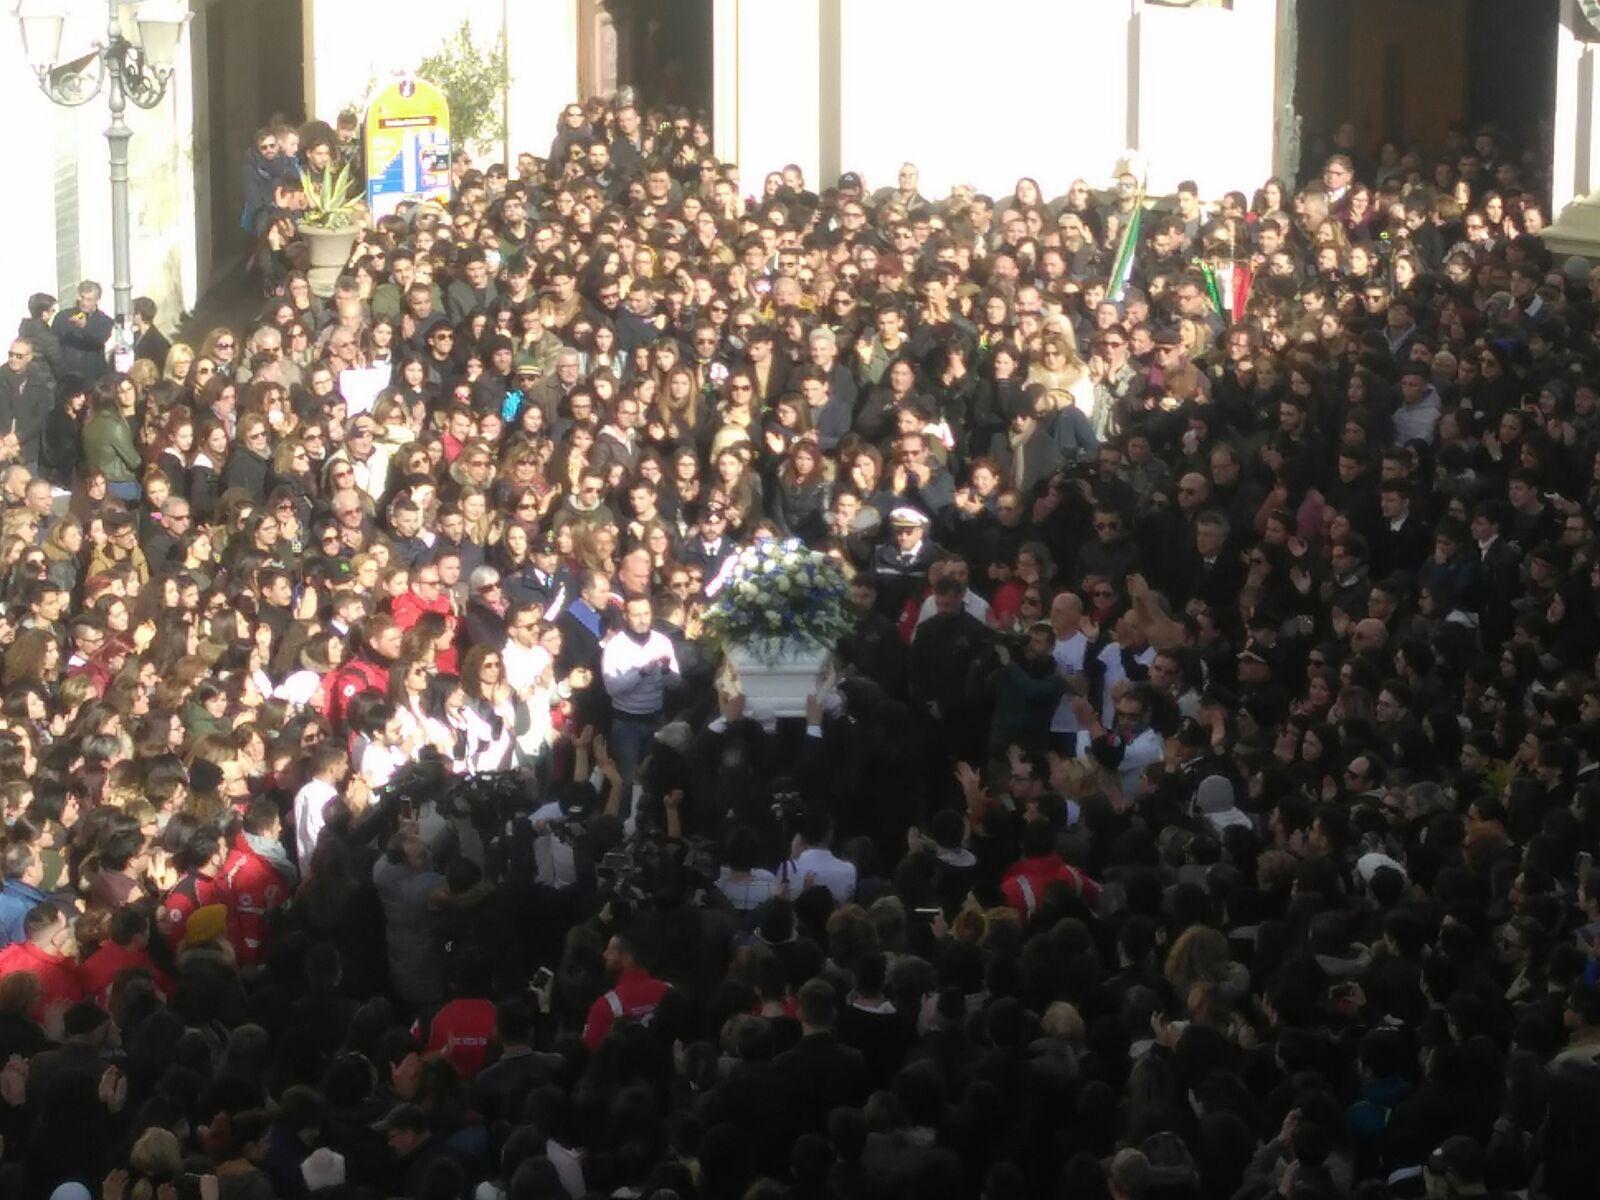 FOTO - In migliaia ai funerali di Giuseppe ParrettaCommozione alle esequie del 18enne ucciso a Crotone